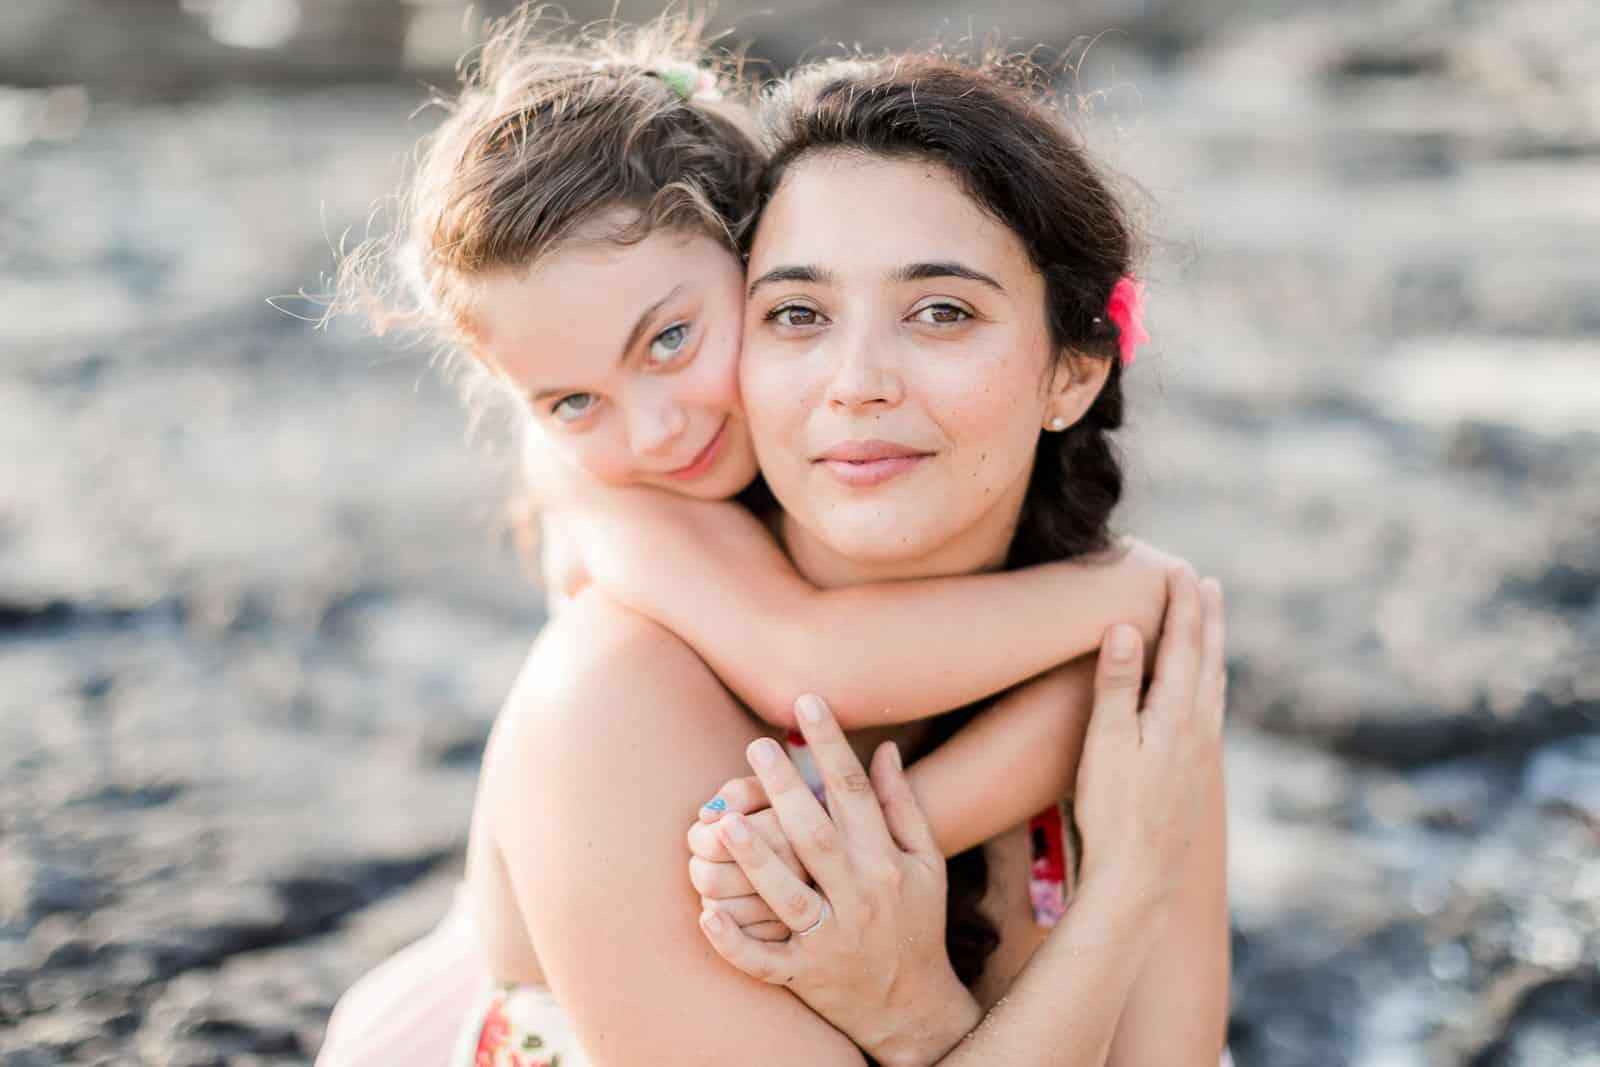 Photographie de Mathieu Dété, photographe de mariage et famille à Saint-Gilles sur l'île de la Réunion 974, présentant une étreinte en famille avec une enfant au Cap La Houssaye